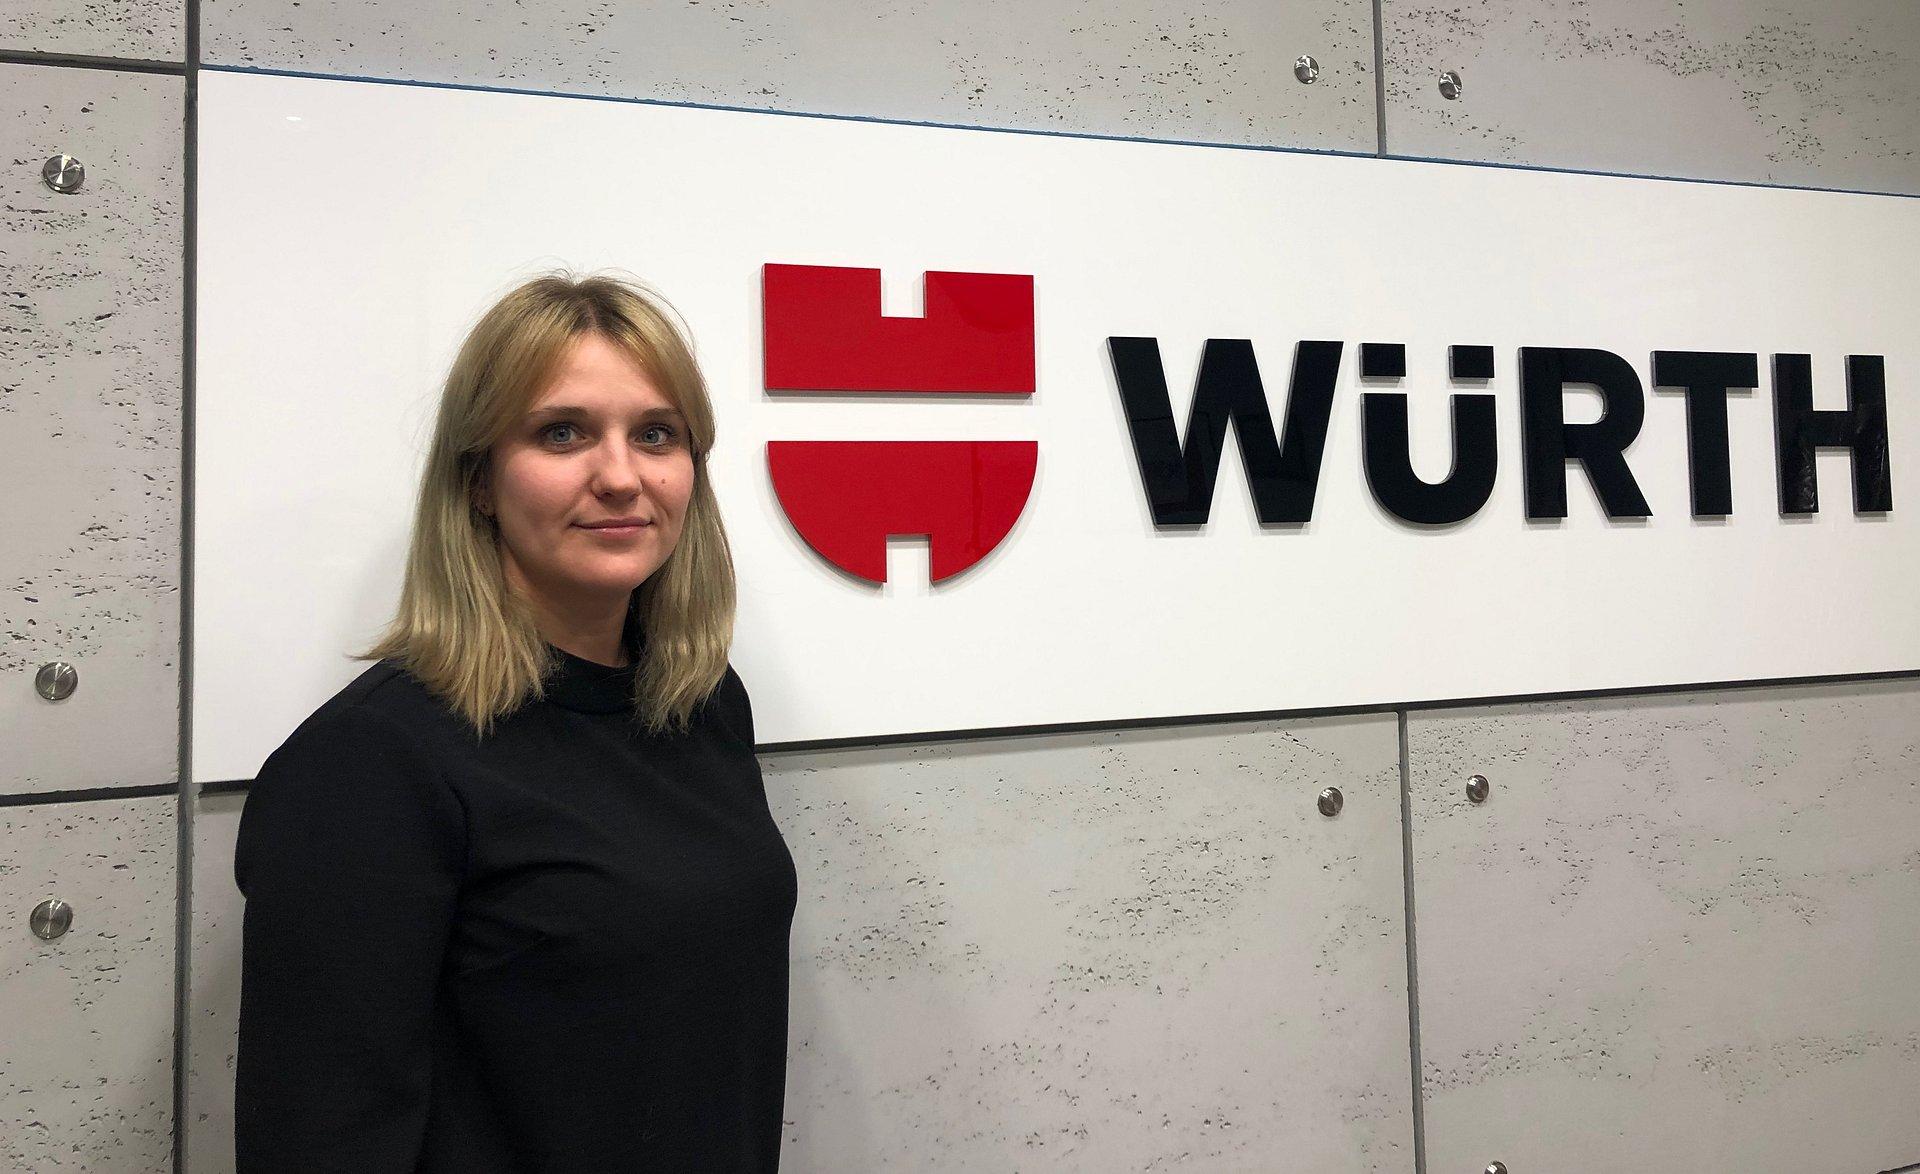 Justyna Sieracka, Starszy Specjalista ds. Zarządzania Zasobami Ludzkimi w Würth Polska